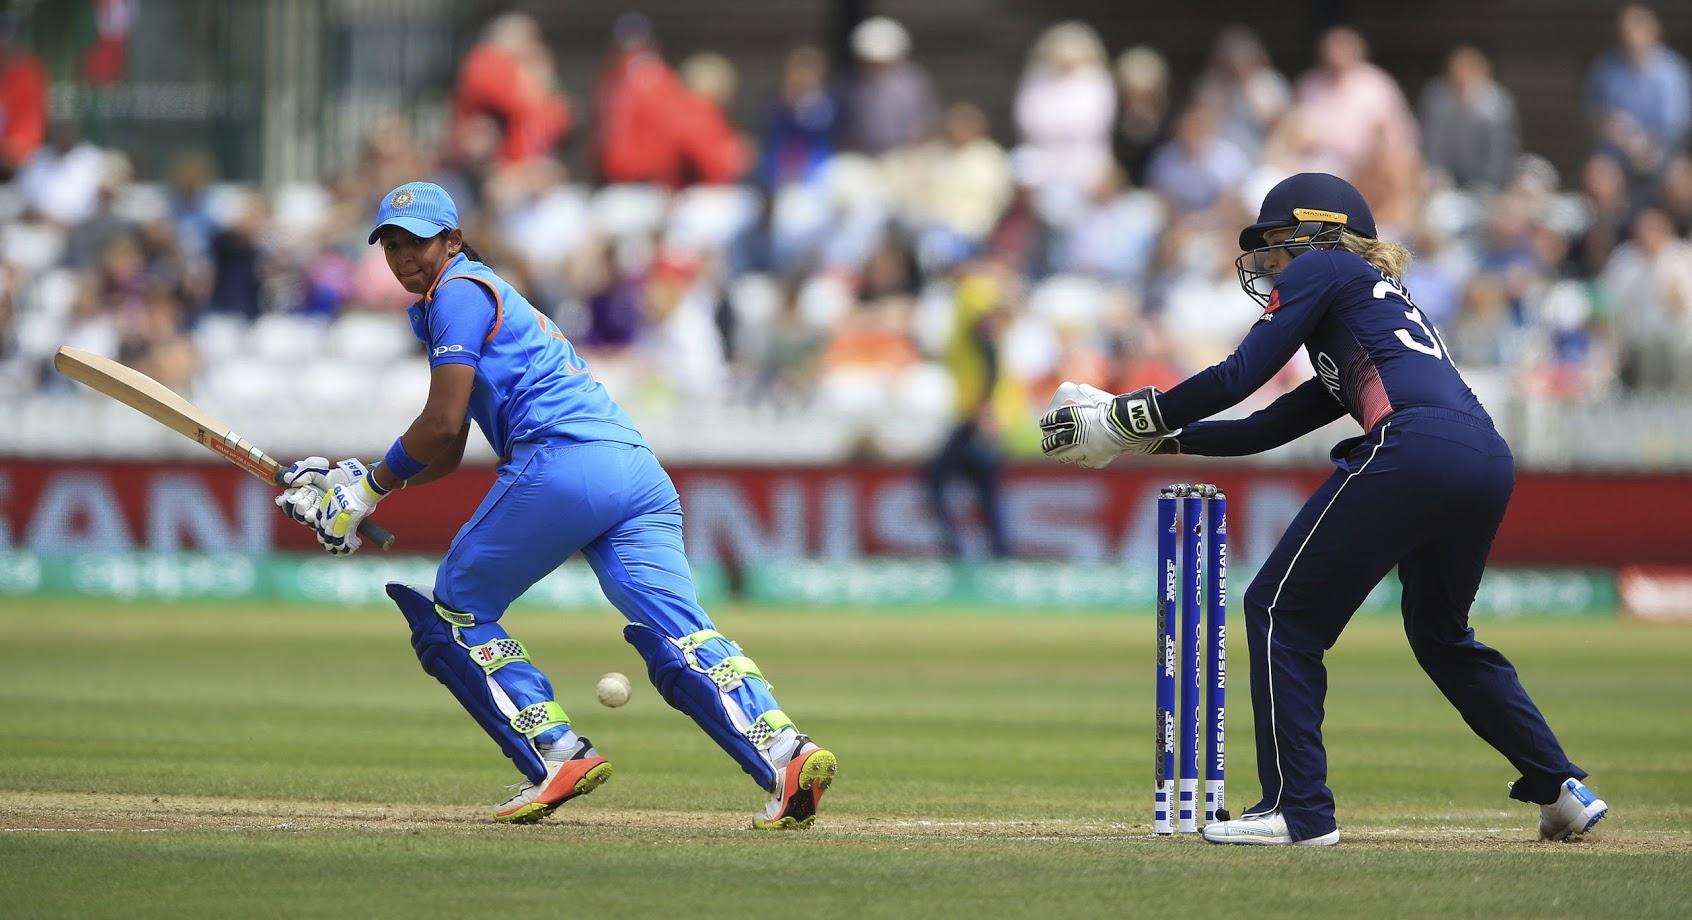 पटियाला येथे एकदा हरमन कौरने स्थानिक क्रिकेट सामन्यात ७५ धावांची खेळी खेळली होती. यावेळी तिने आसपासच्या घरातील खिडक्यांच्या काचा फोडल्या होत्या. काही लोक भांडायला मैदानात गेलेही, मात्र हरमनप्रीतचा खेळ पाहून ते तिच्या प्रेमातच पडले.